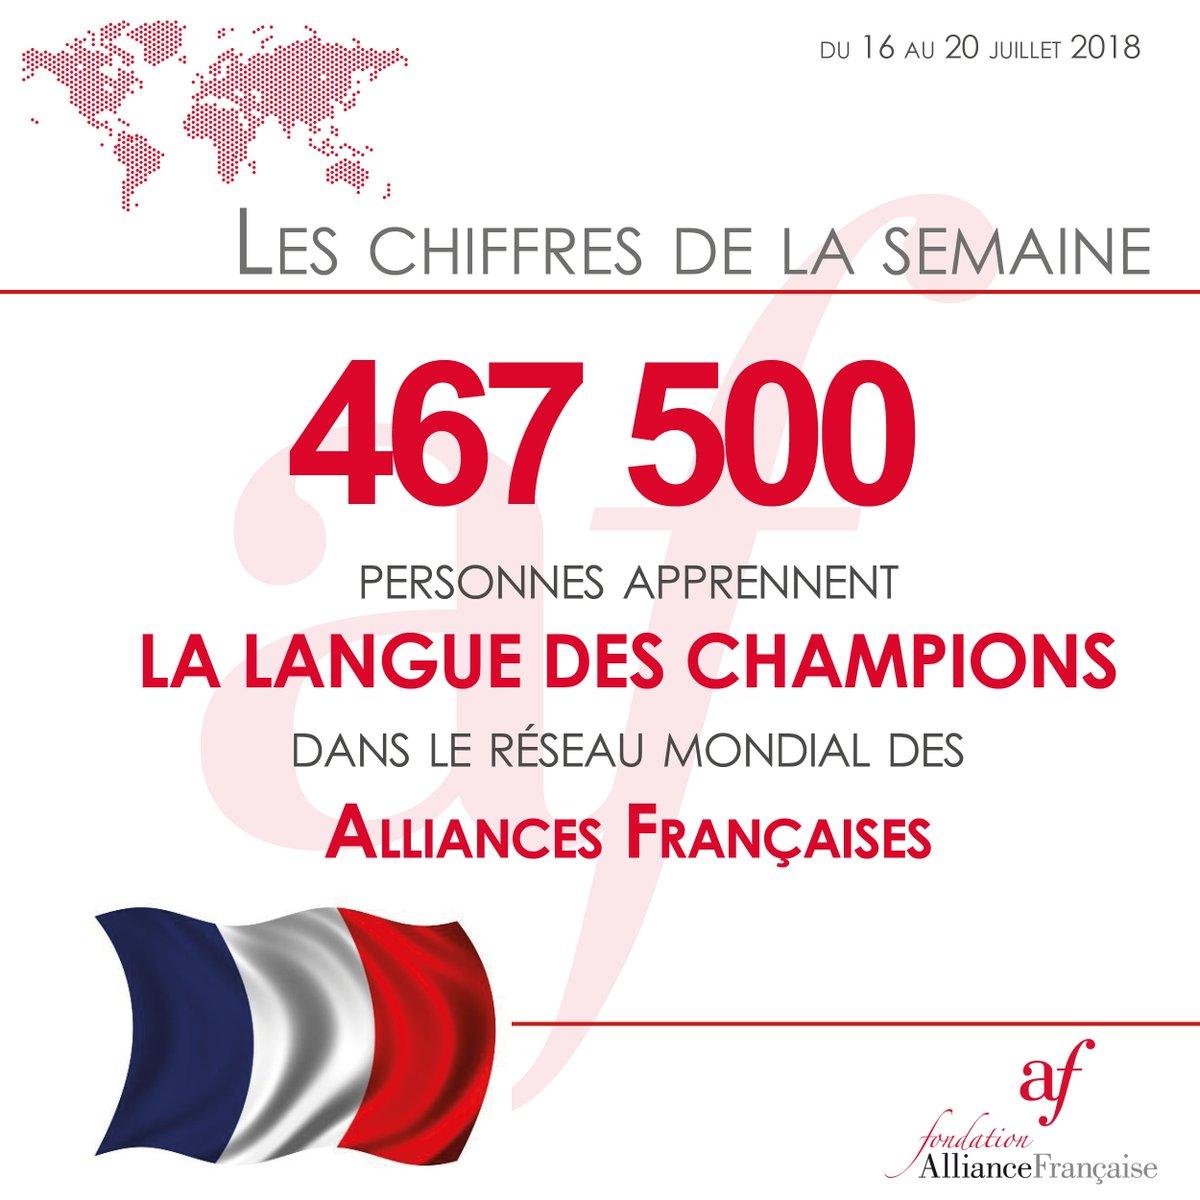 [LES CHIFFRES DE LA SEMAINE] #languefrancaise #alliancefrancaise #championdumonde2018 #francophonie #France #joie #CoupeDuMonde2018 #Felicitations